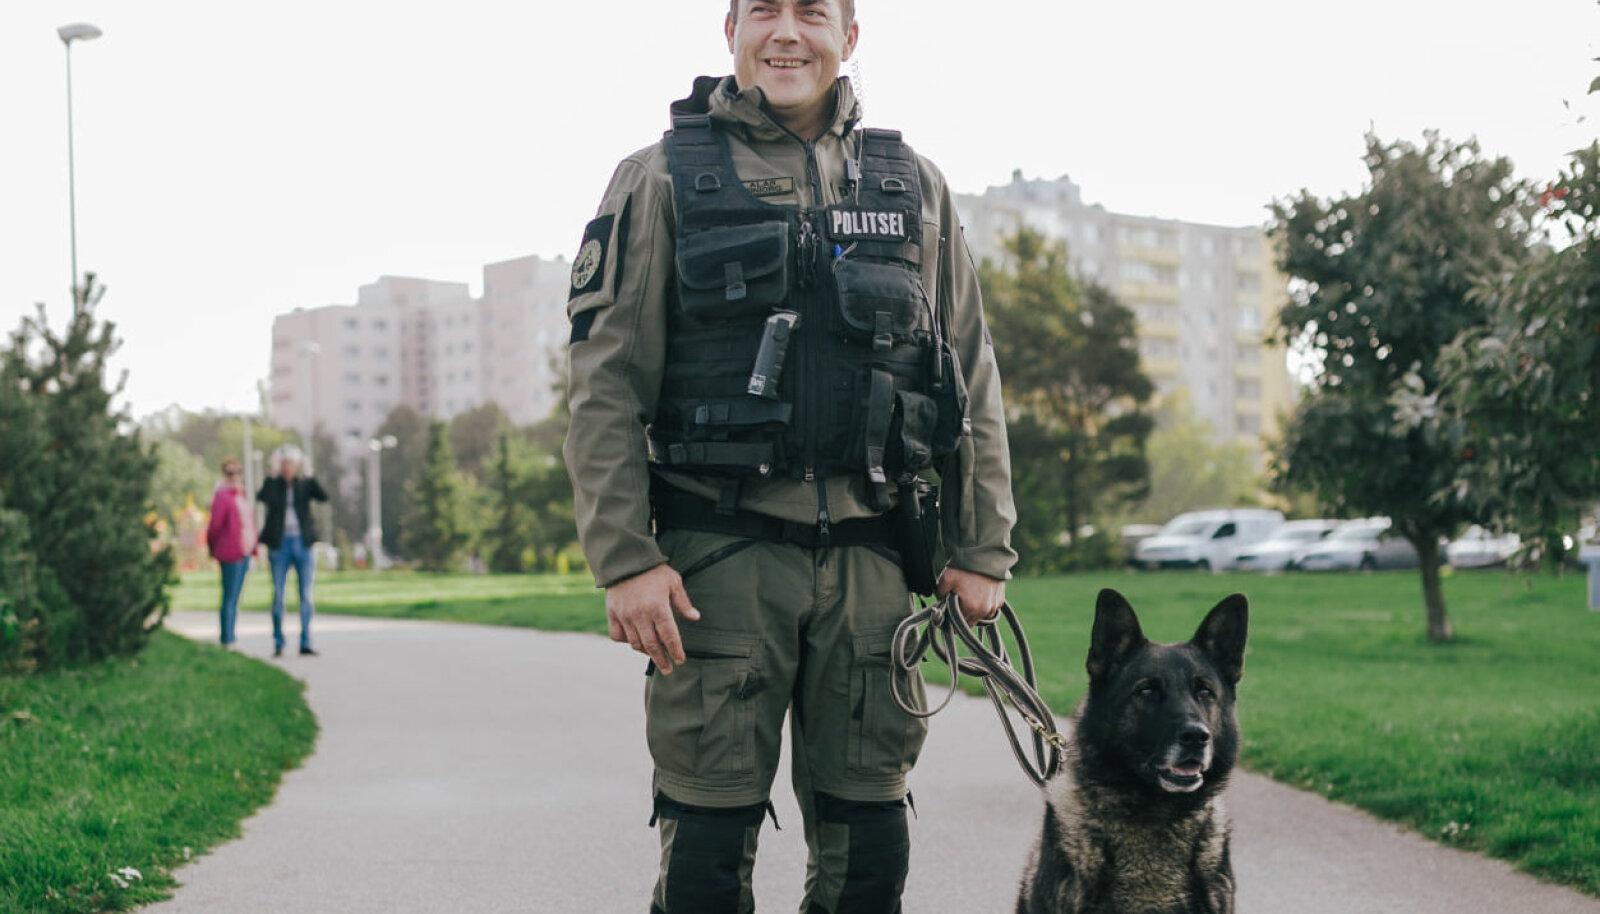 Politseikoer Tiit koos juhiga